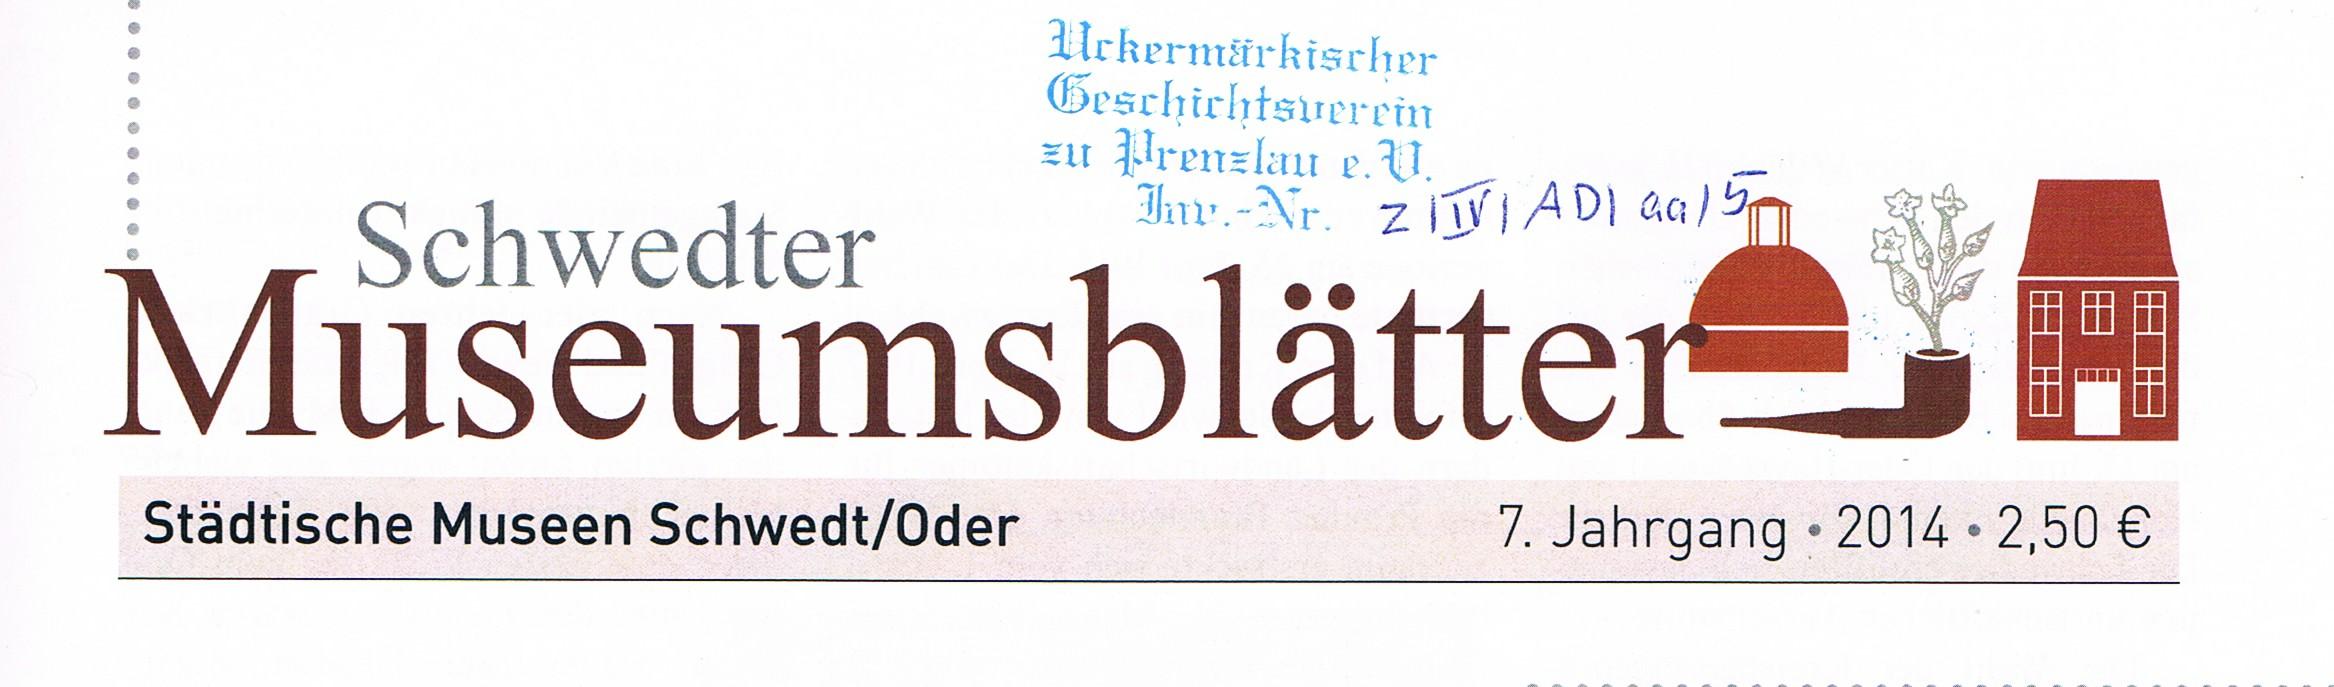 Schwedter Museumsblätter (2014). (2016)